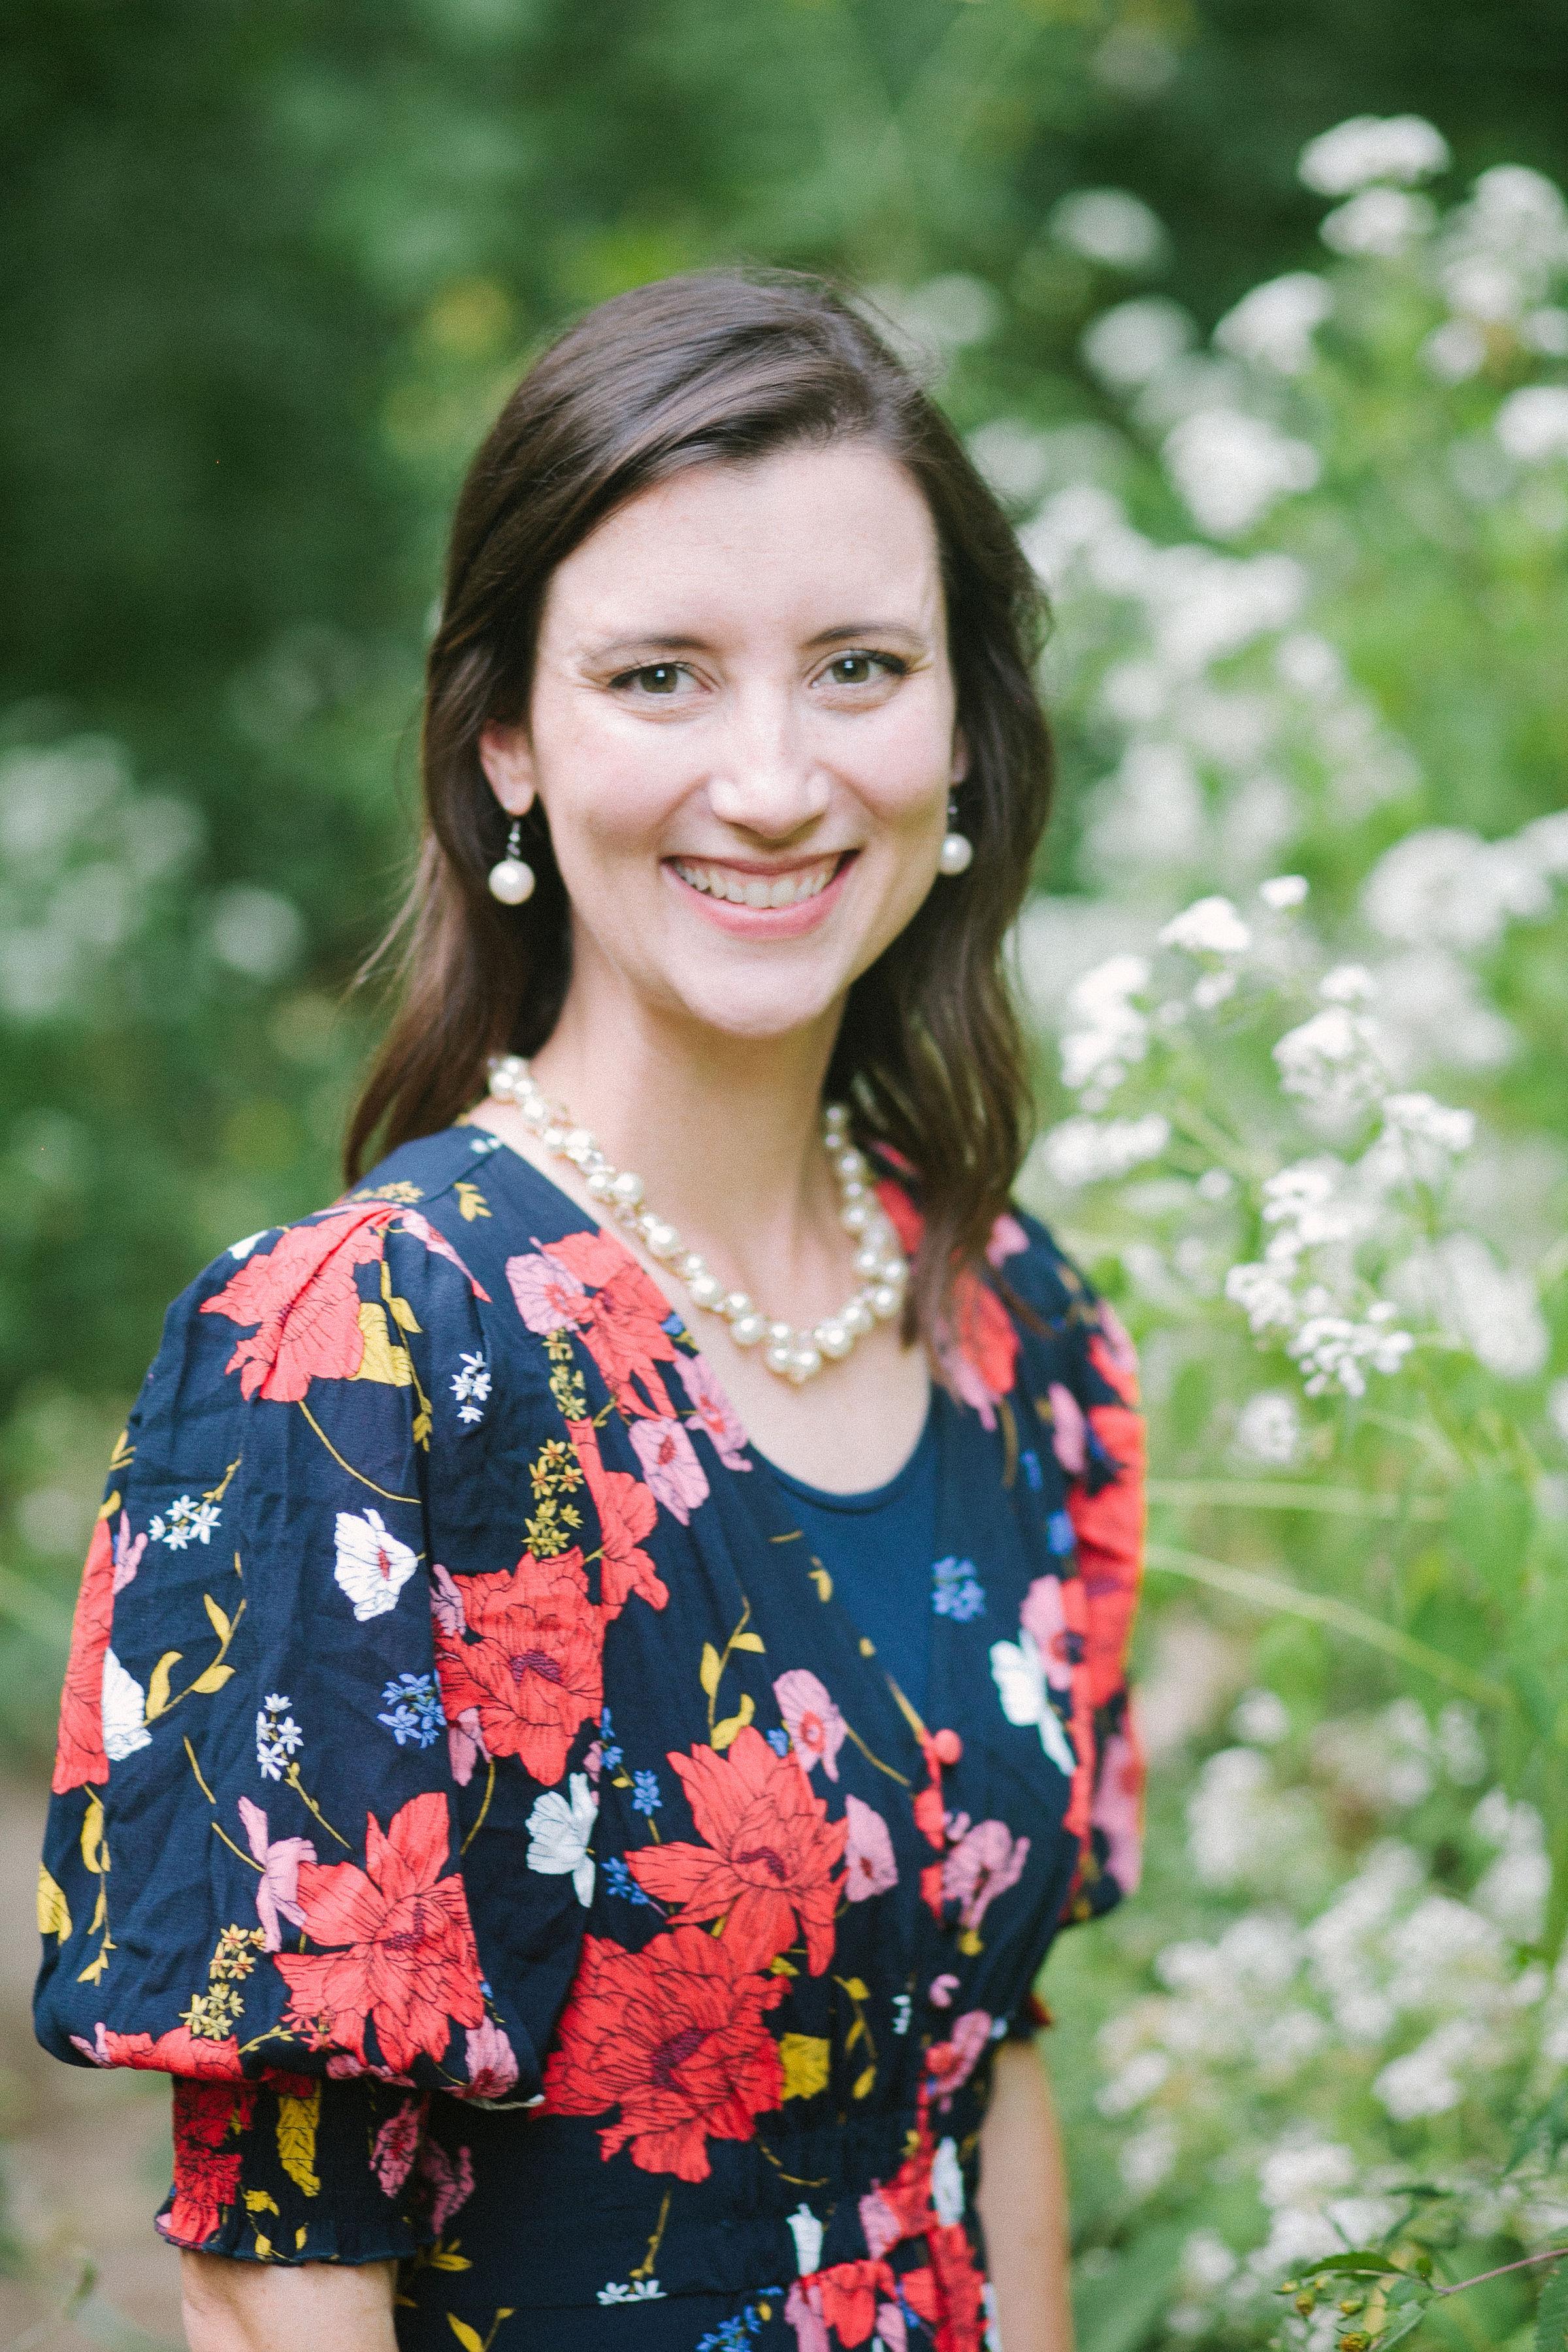 Jessica Roylance